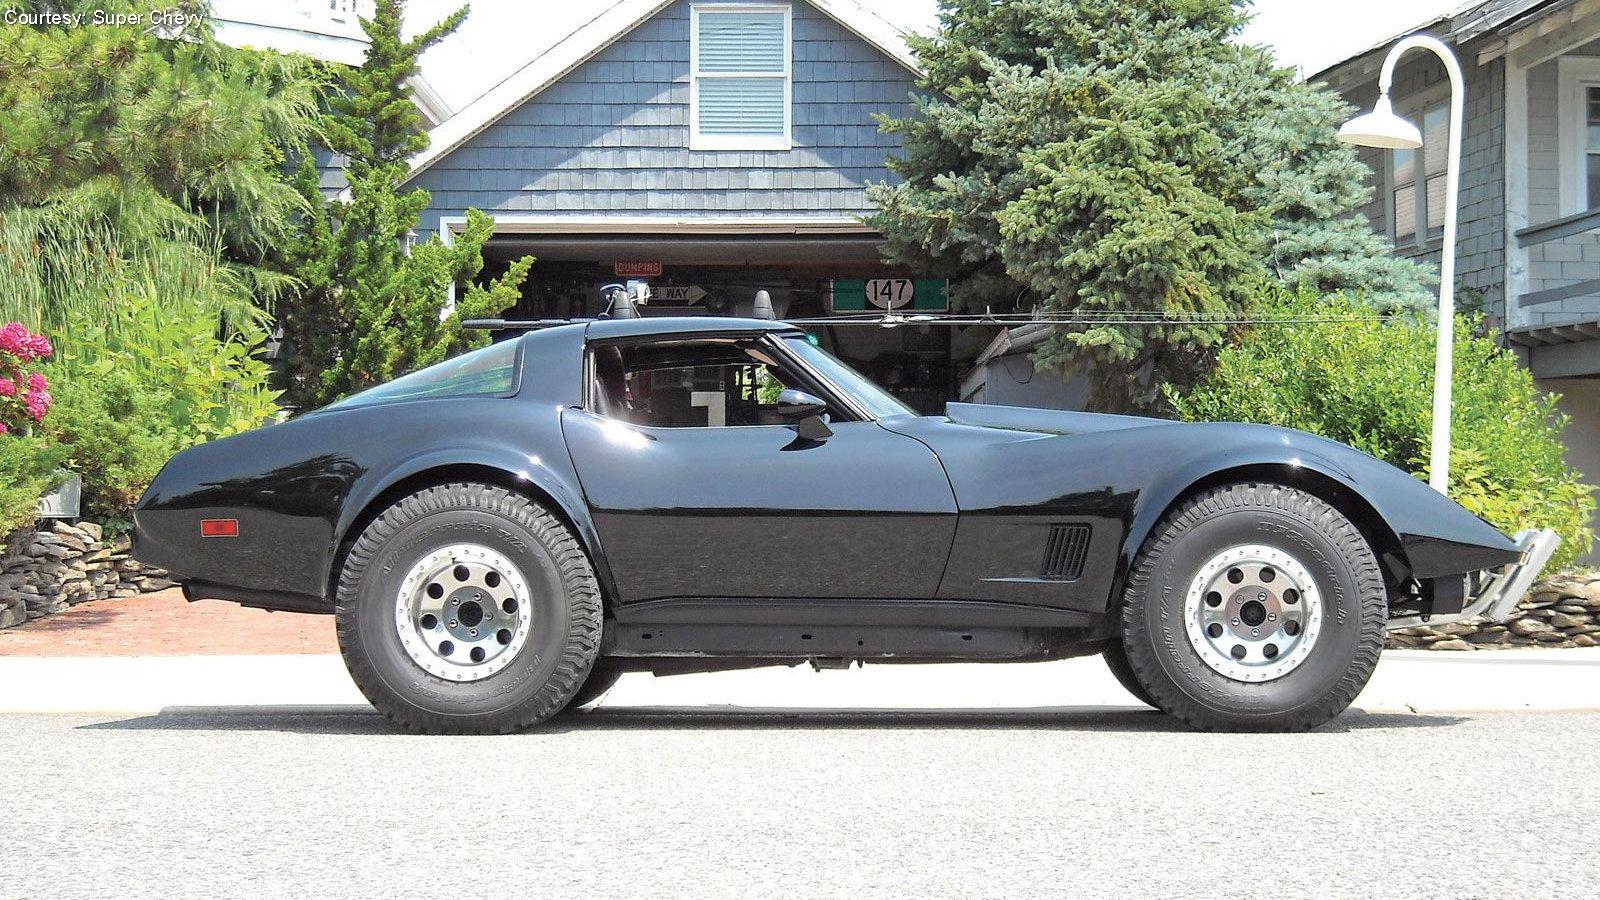 1969 Corvette Beach Buggy Hides A First Gen Hemi Surprise